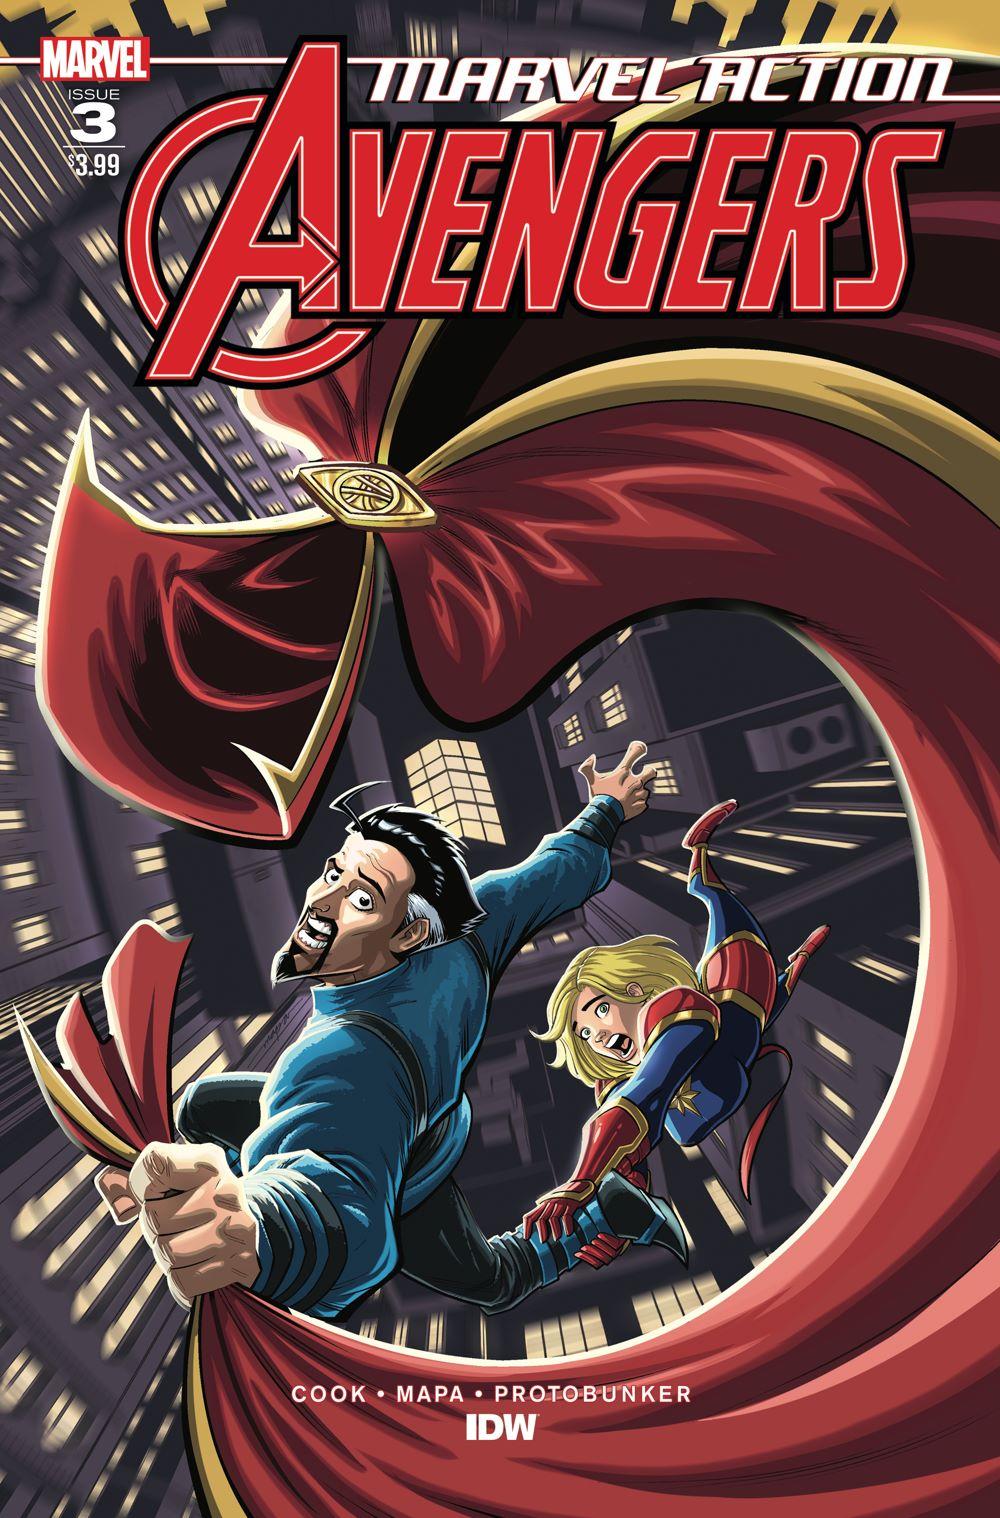 Marvel_Avengers03_coverA ComicList Previews: MARVEL ACTION AVENGERS VOLUME 2 #3